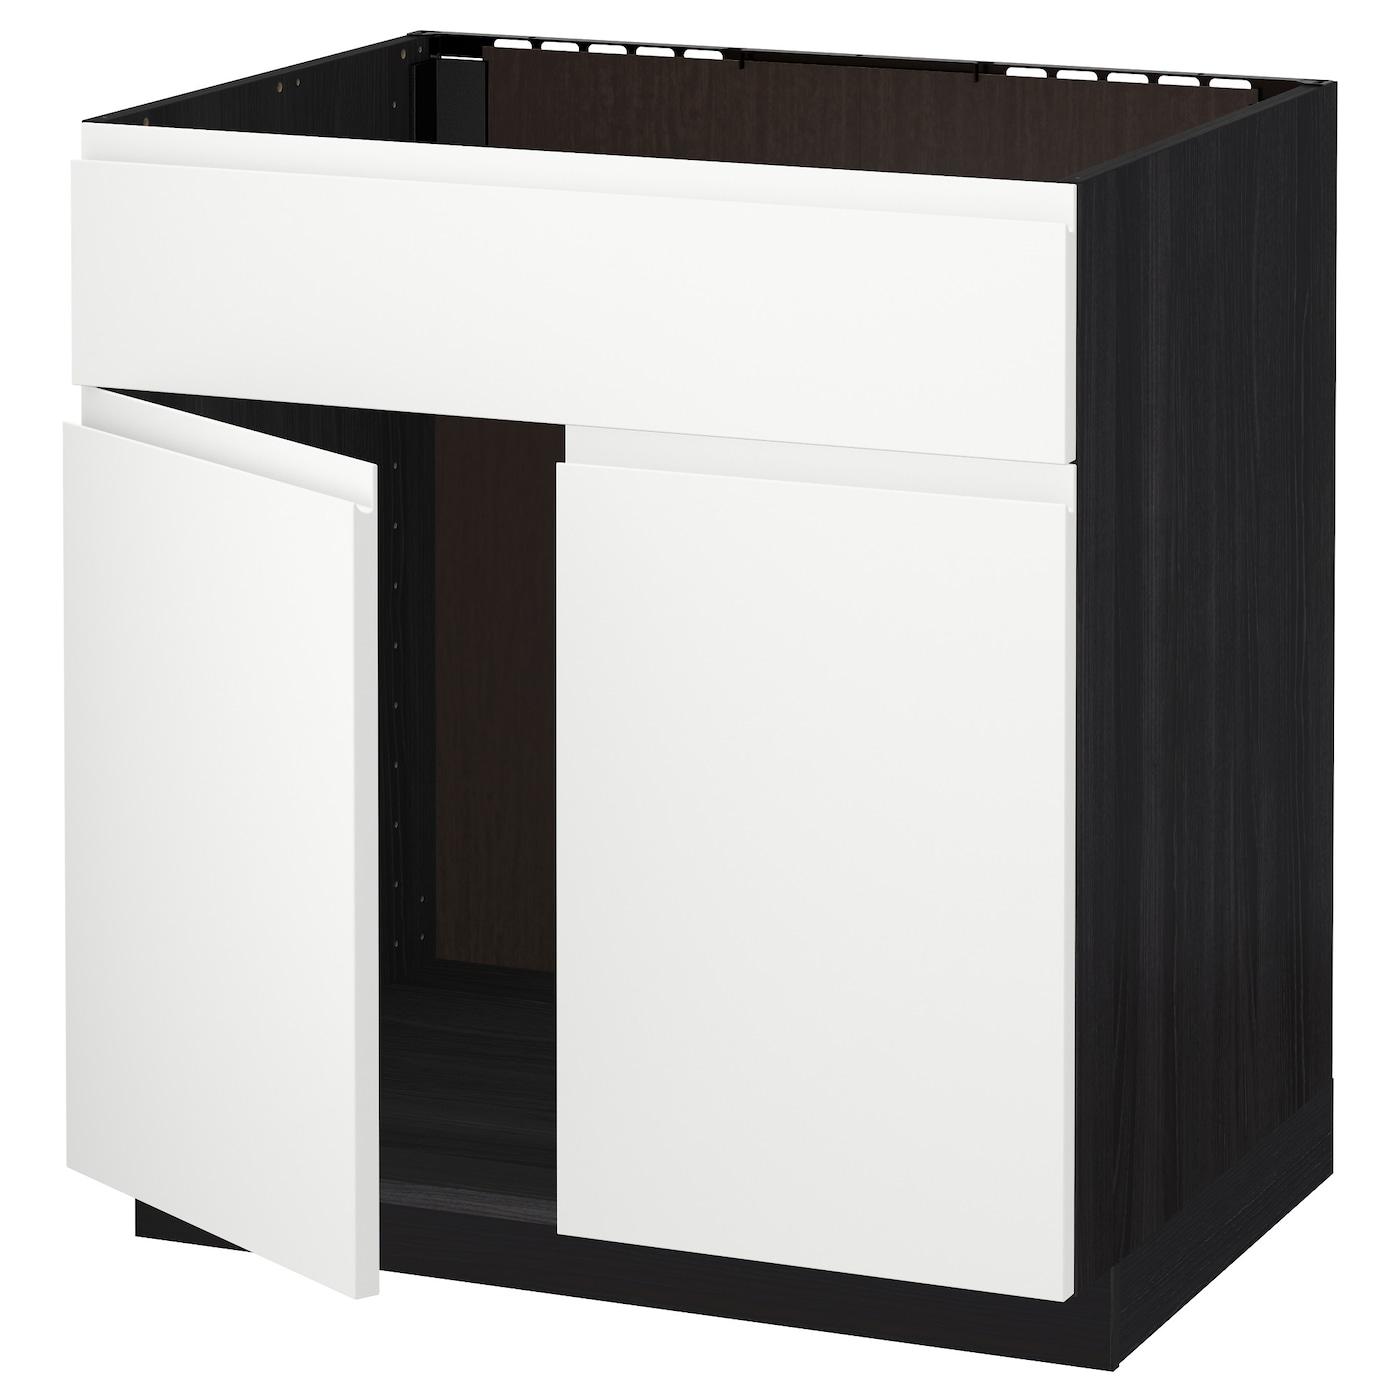 METOD, Unterschr für Spüle+2 Türen/Front, schwarz 791.114.39